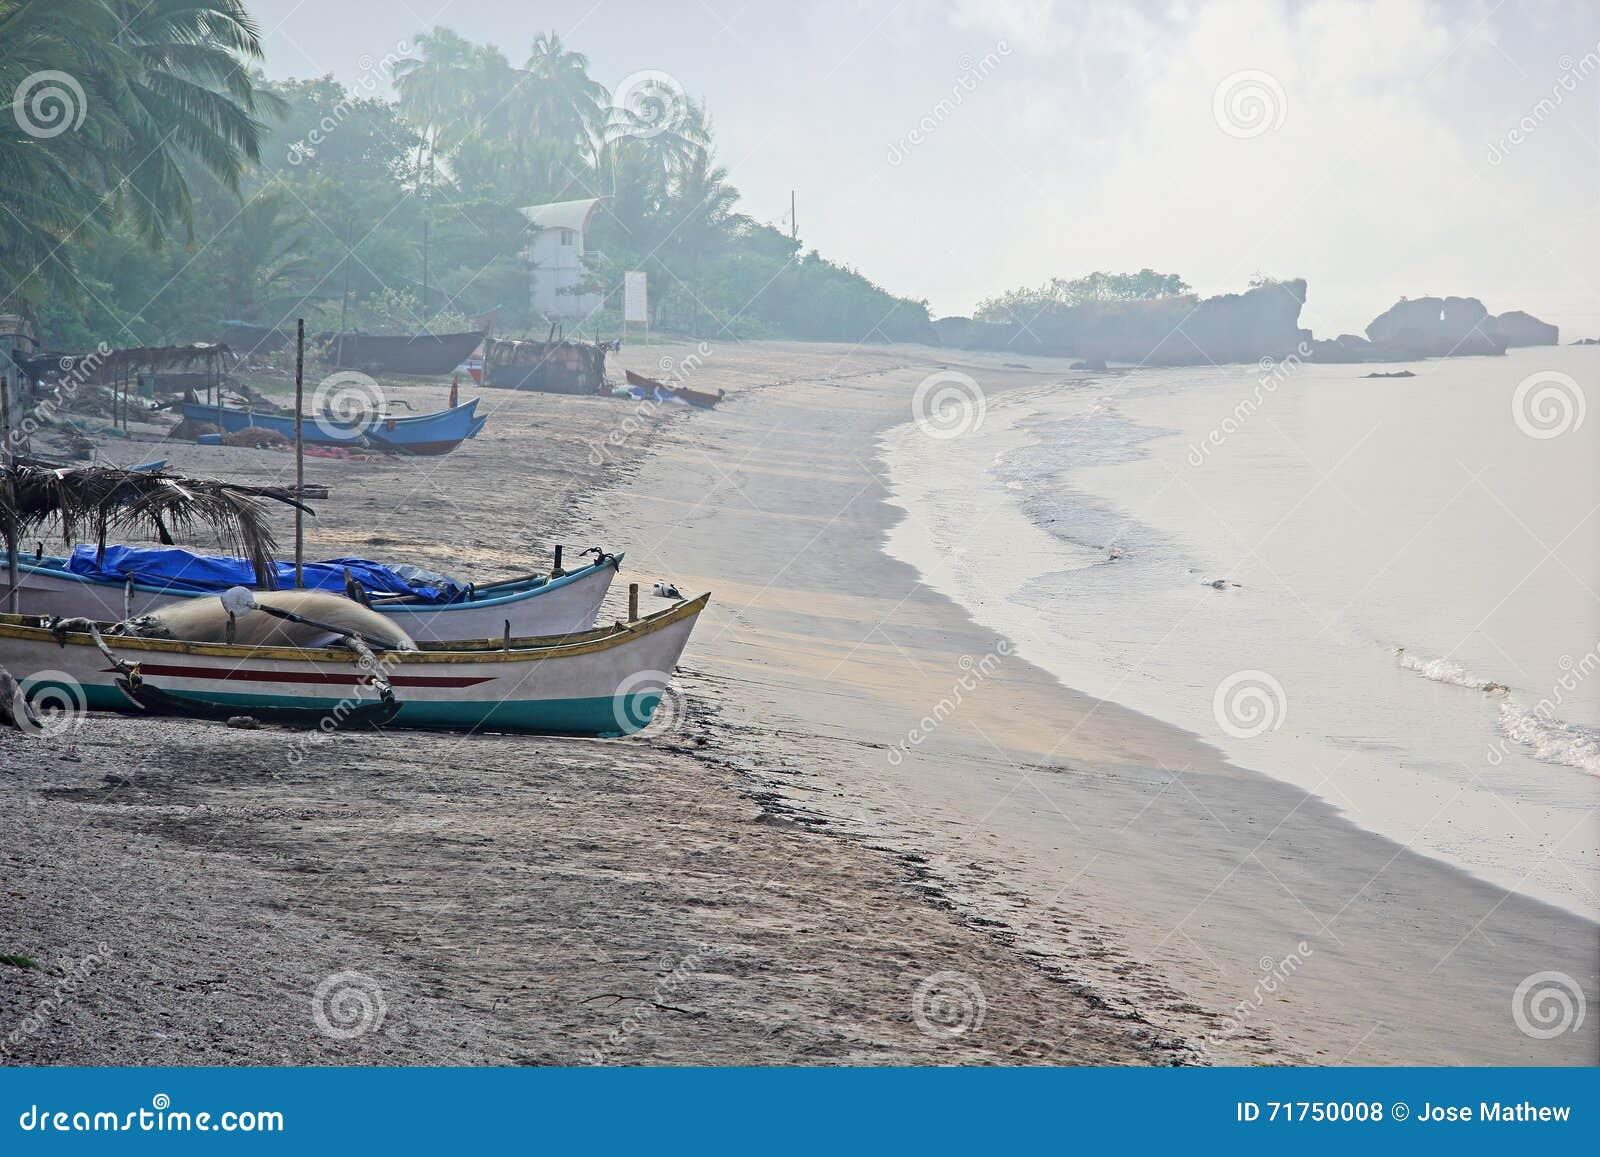 Παραλία ψαροχώρι της Ινδίας